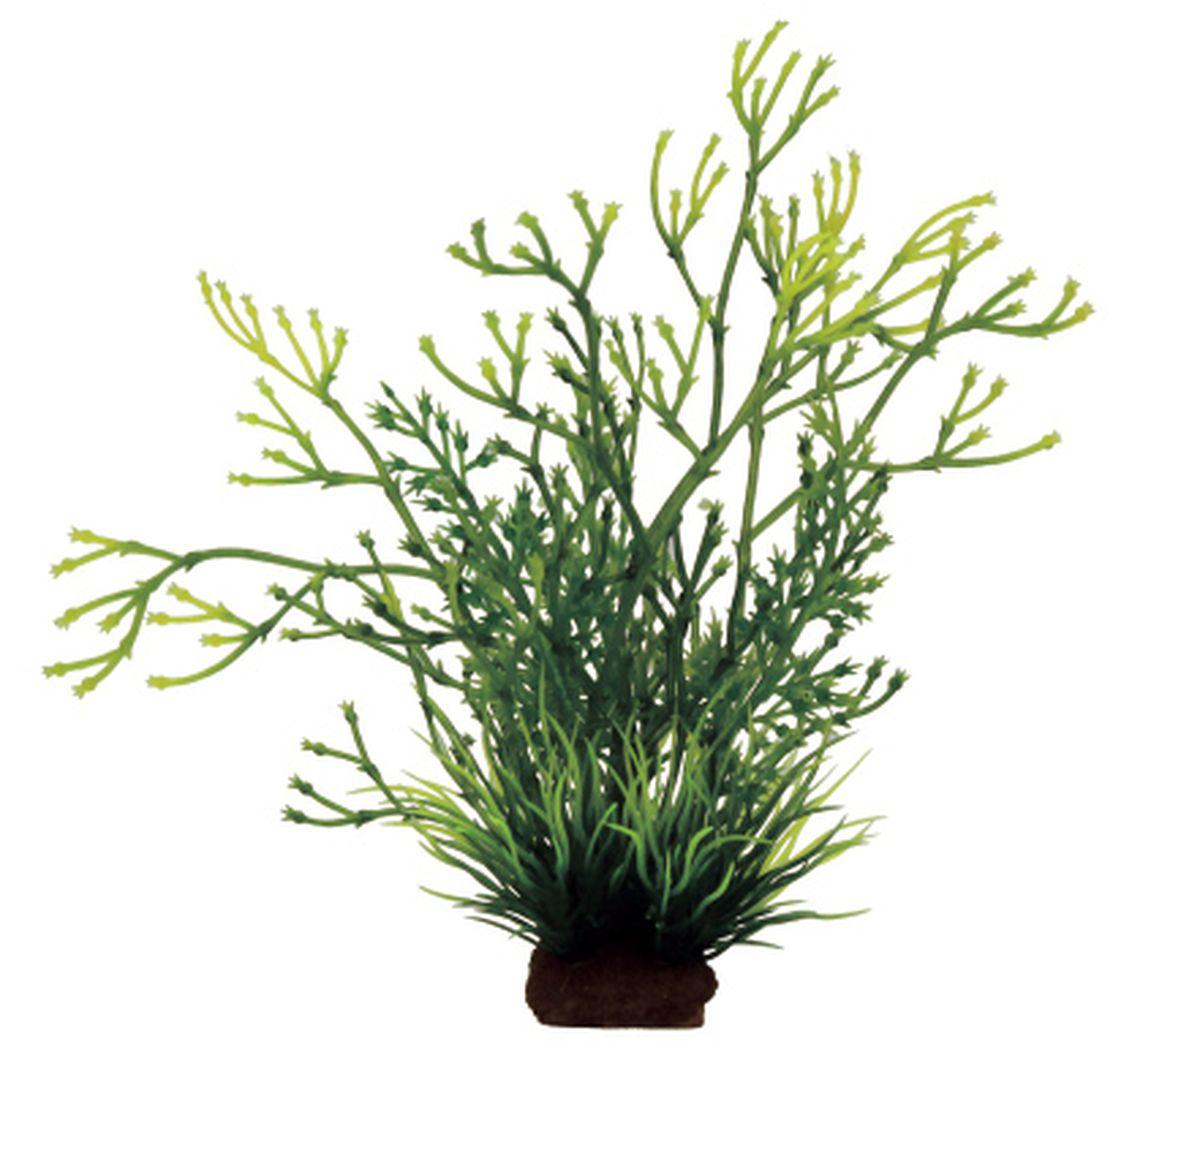 Композиция из растений для аквариума ArtUniq Блестянка, 8 x 7 x 14 смART-1130910ArtUniq Блестянка - прекрасная композиция из искусственных растений. Искусственные декорации ArtUniq обладают одним оченьглавным свойством - они долговечны и, соответственно, сохраняют свой внешний вид и всегда выглядят свежими и красивыми. А их сходство сприродными порадует даже самых взыскательных ценителей. Коллекция ArtPlants - широчайшая палитра искусственных растений, которые помогут вдохнуть жизнь в ландшафт любого аквариума илитеррариума своей яркой, сочной цветовой палитрой.